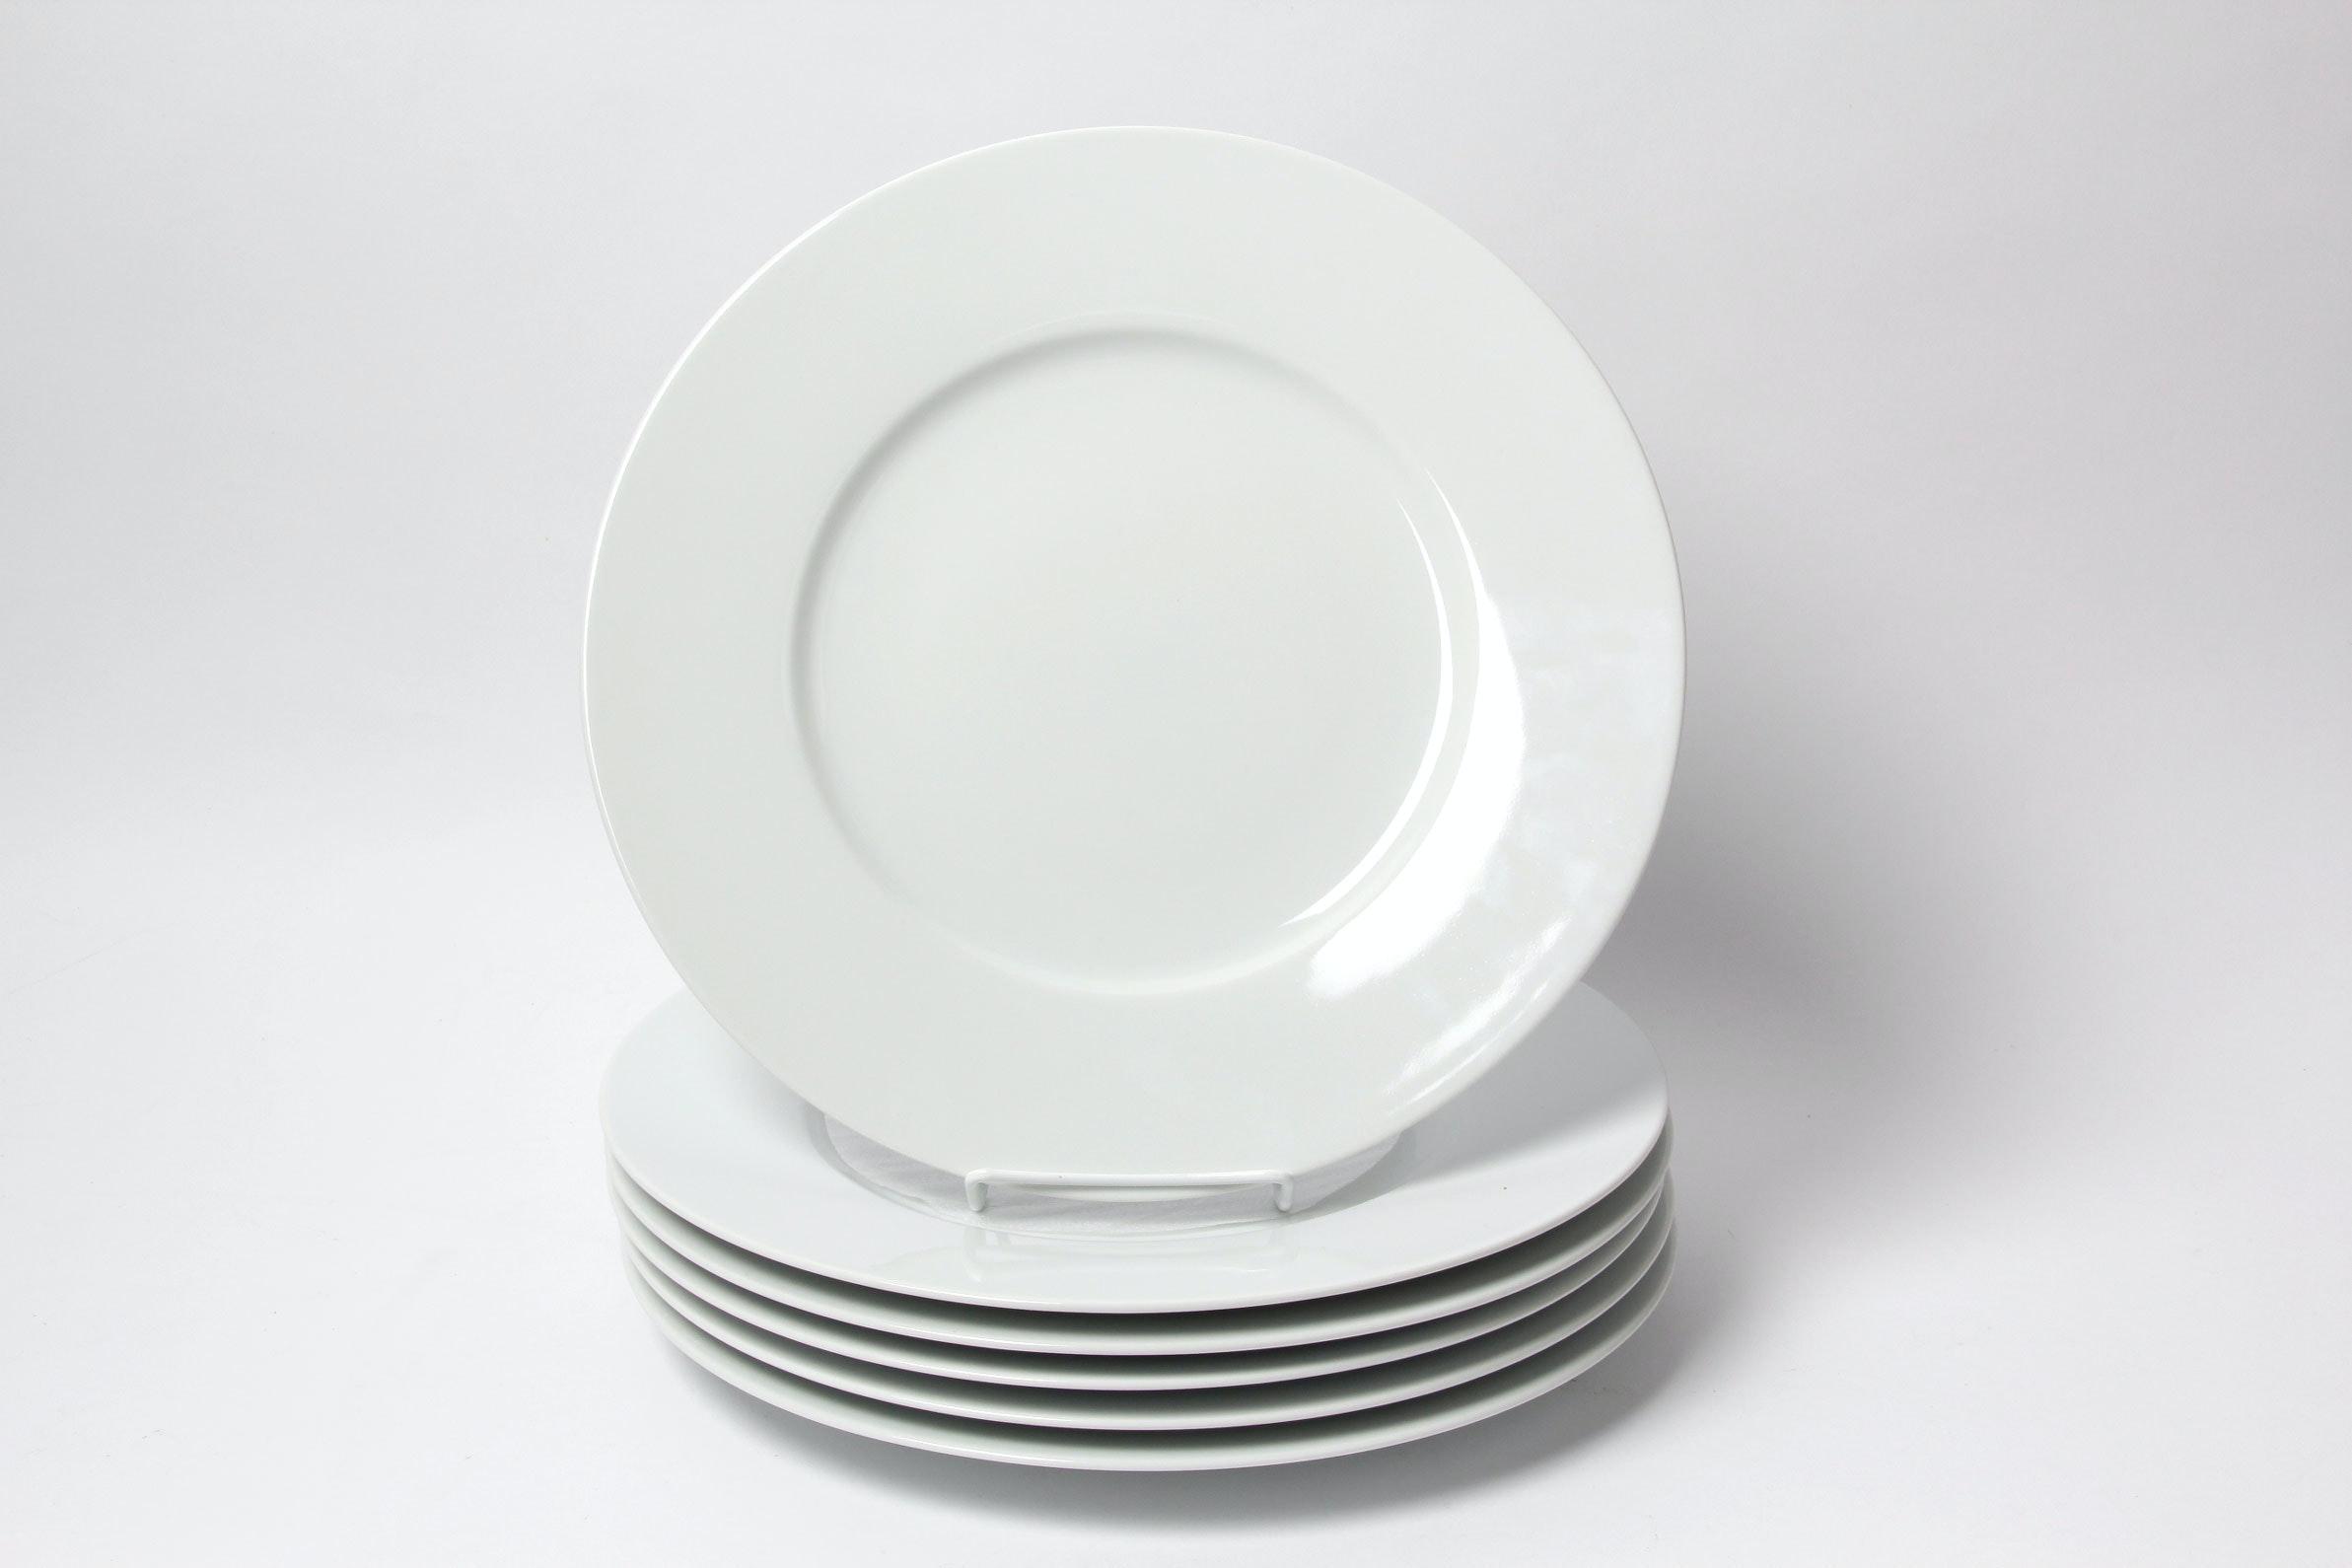 White Porcelain 12.5  Plates by Apilco France ... & White Porcelain 12.5